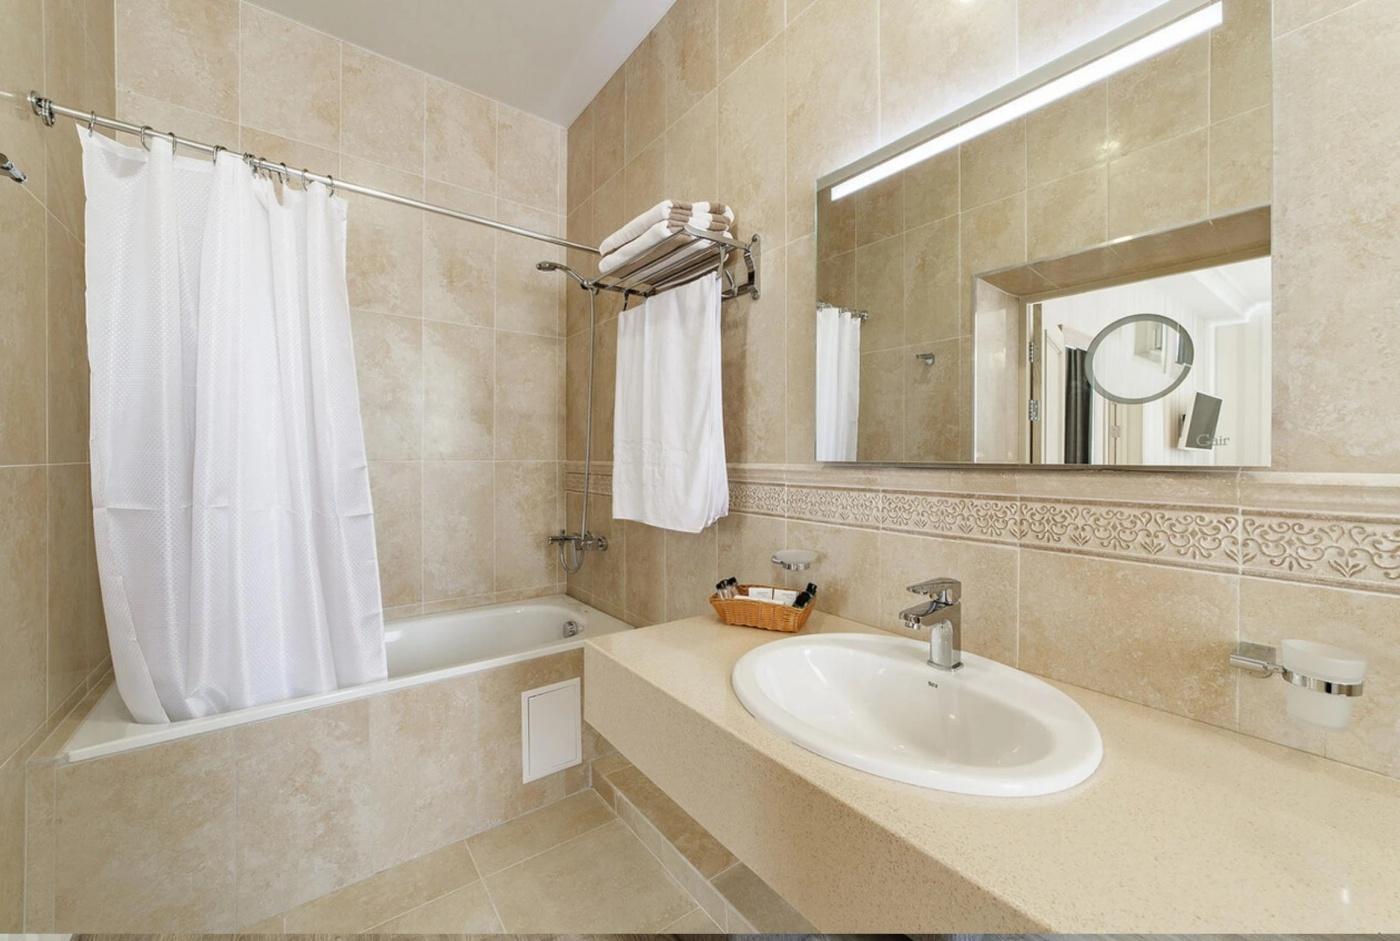 Отель «Alean Family Hotel Usadba 4*» Краснодарский край Семейный 2-комнатный, фото 3